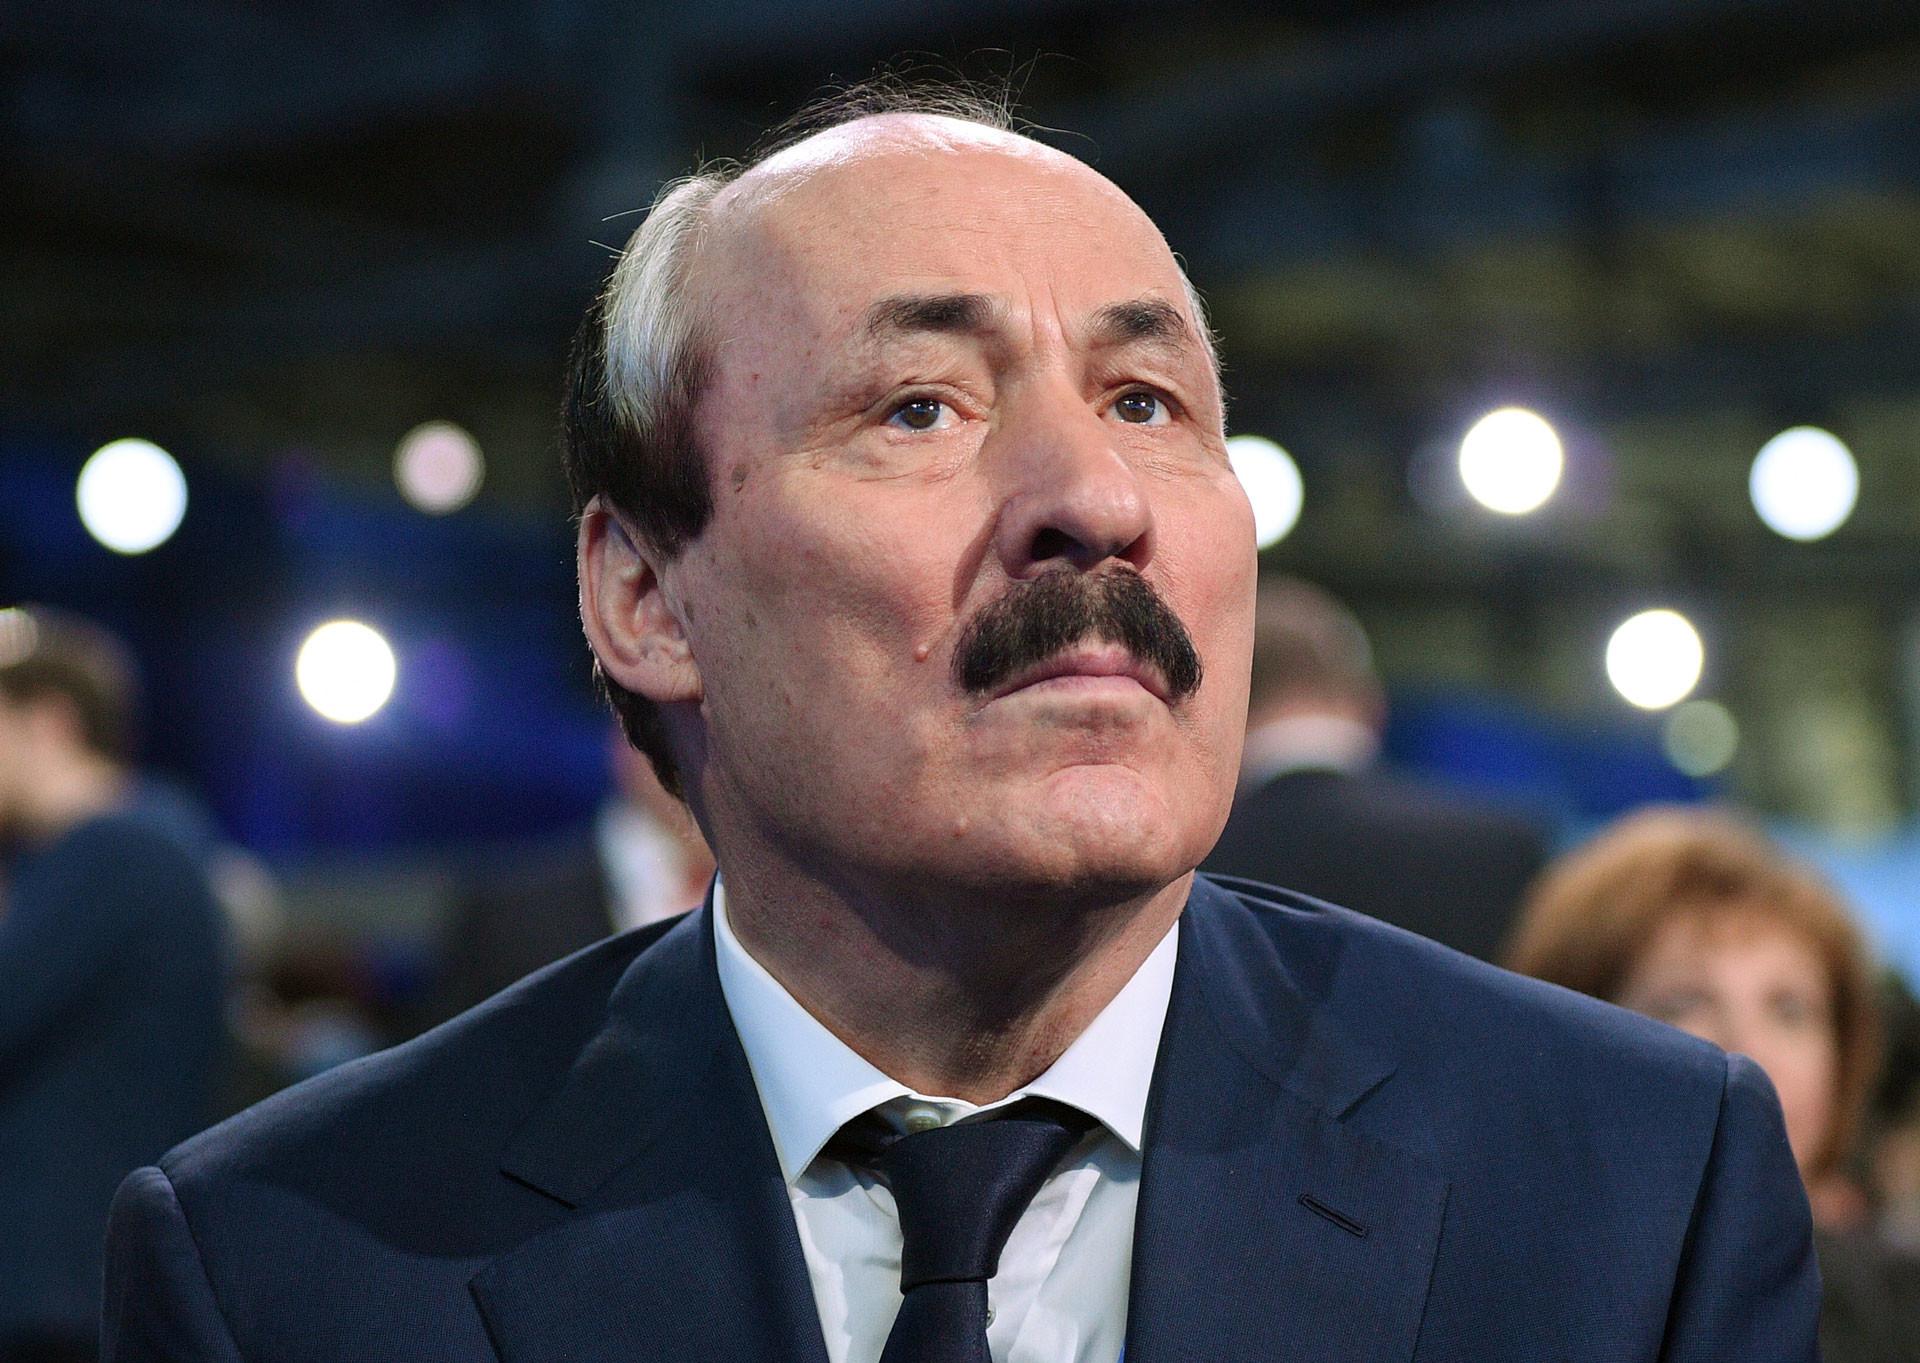 Рамазан Абдулатипов. Фото: © РИА Новости/Рамиль Ситдиков